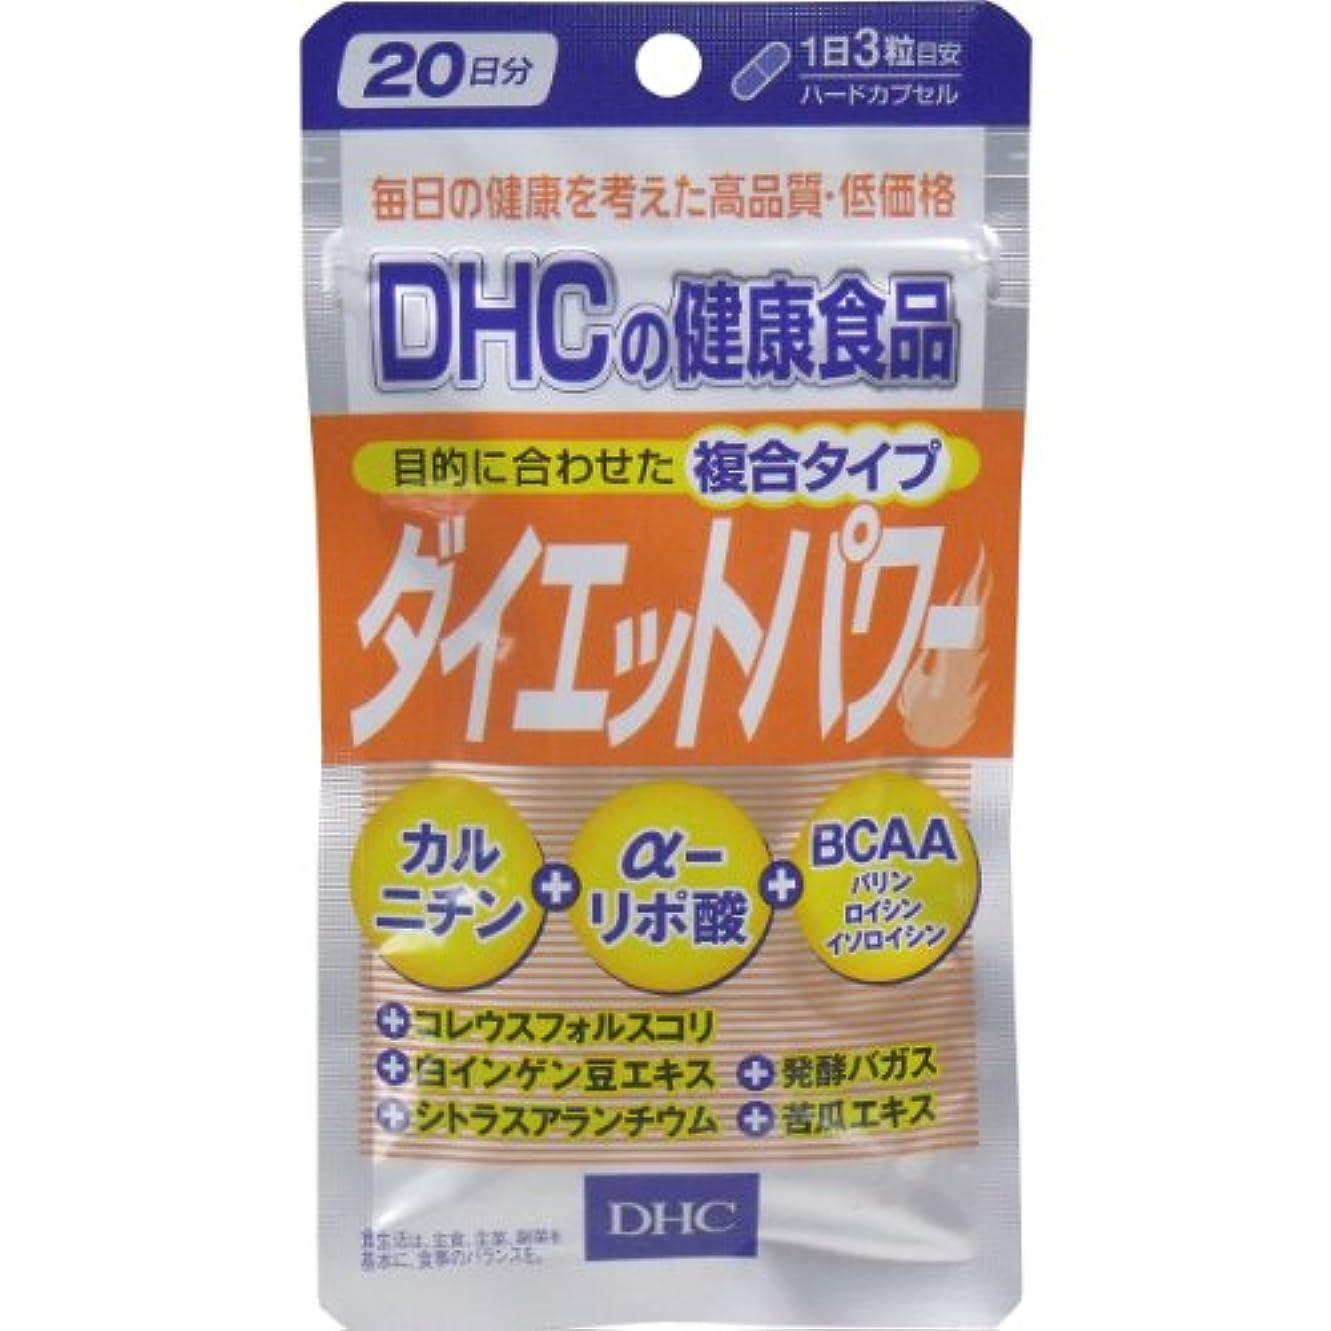 モールス信号強度愚かなDHC ダイエットパワー 60粒入 20日分